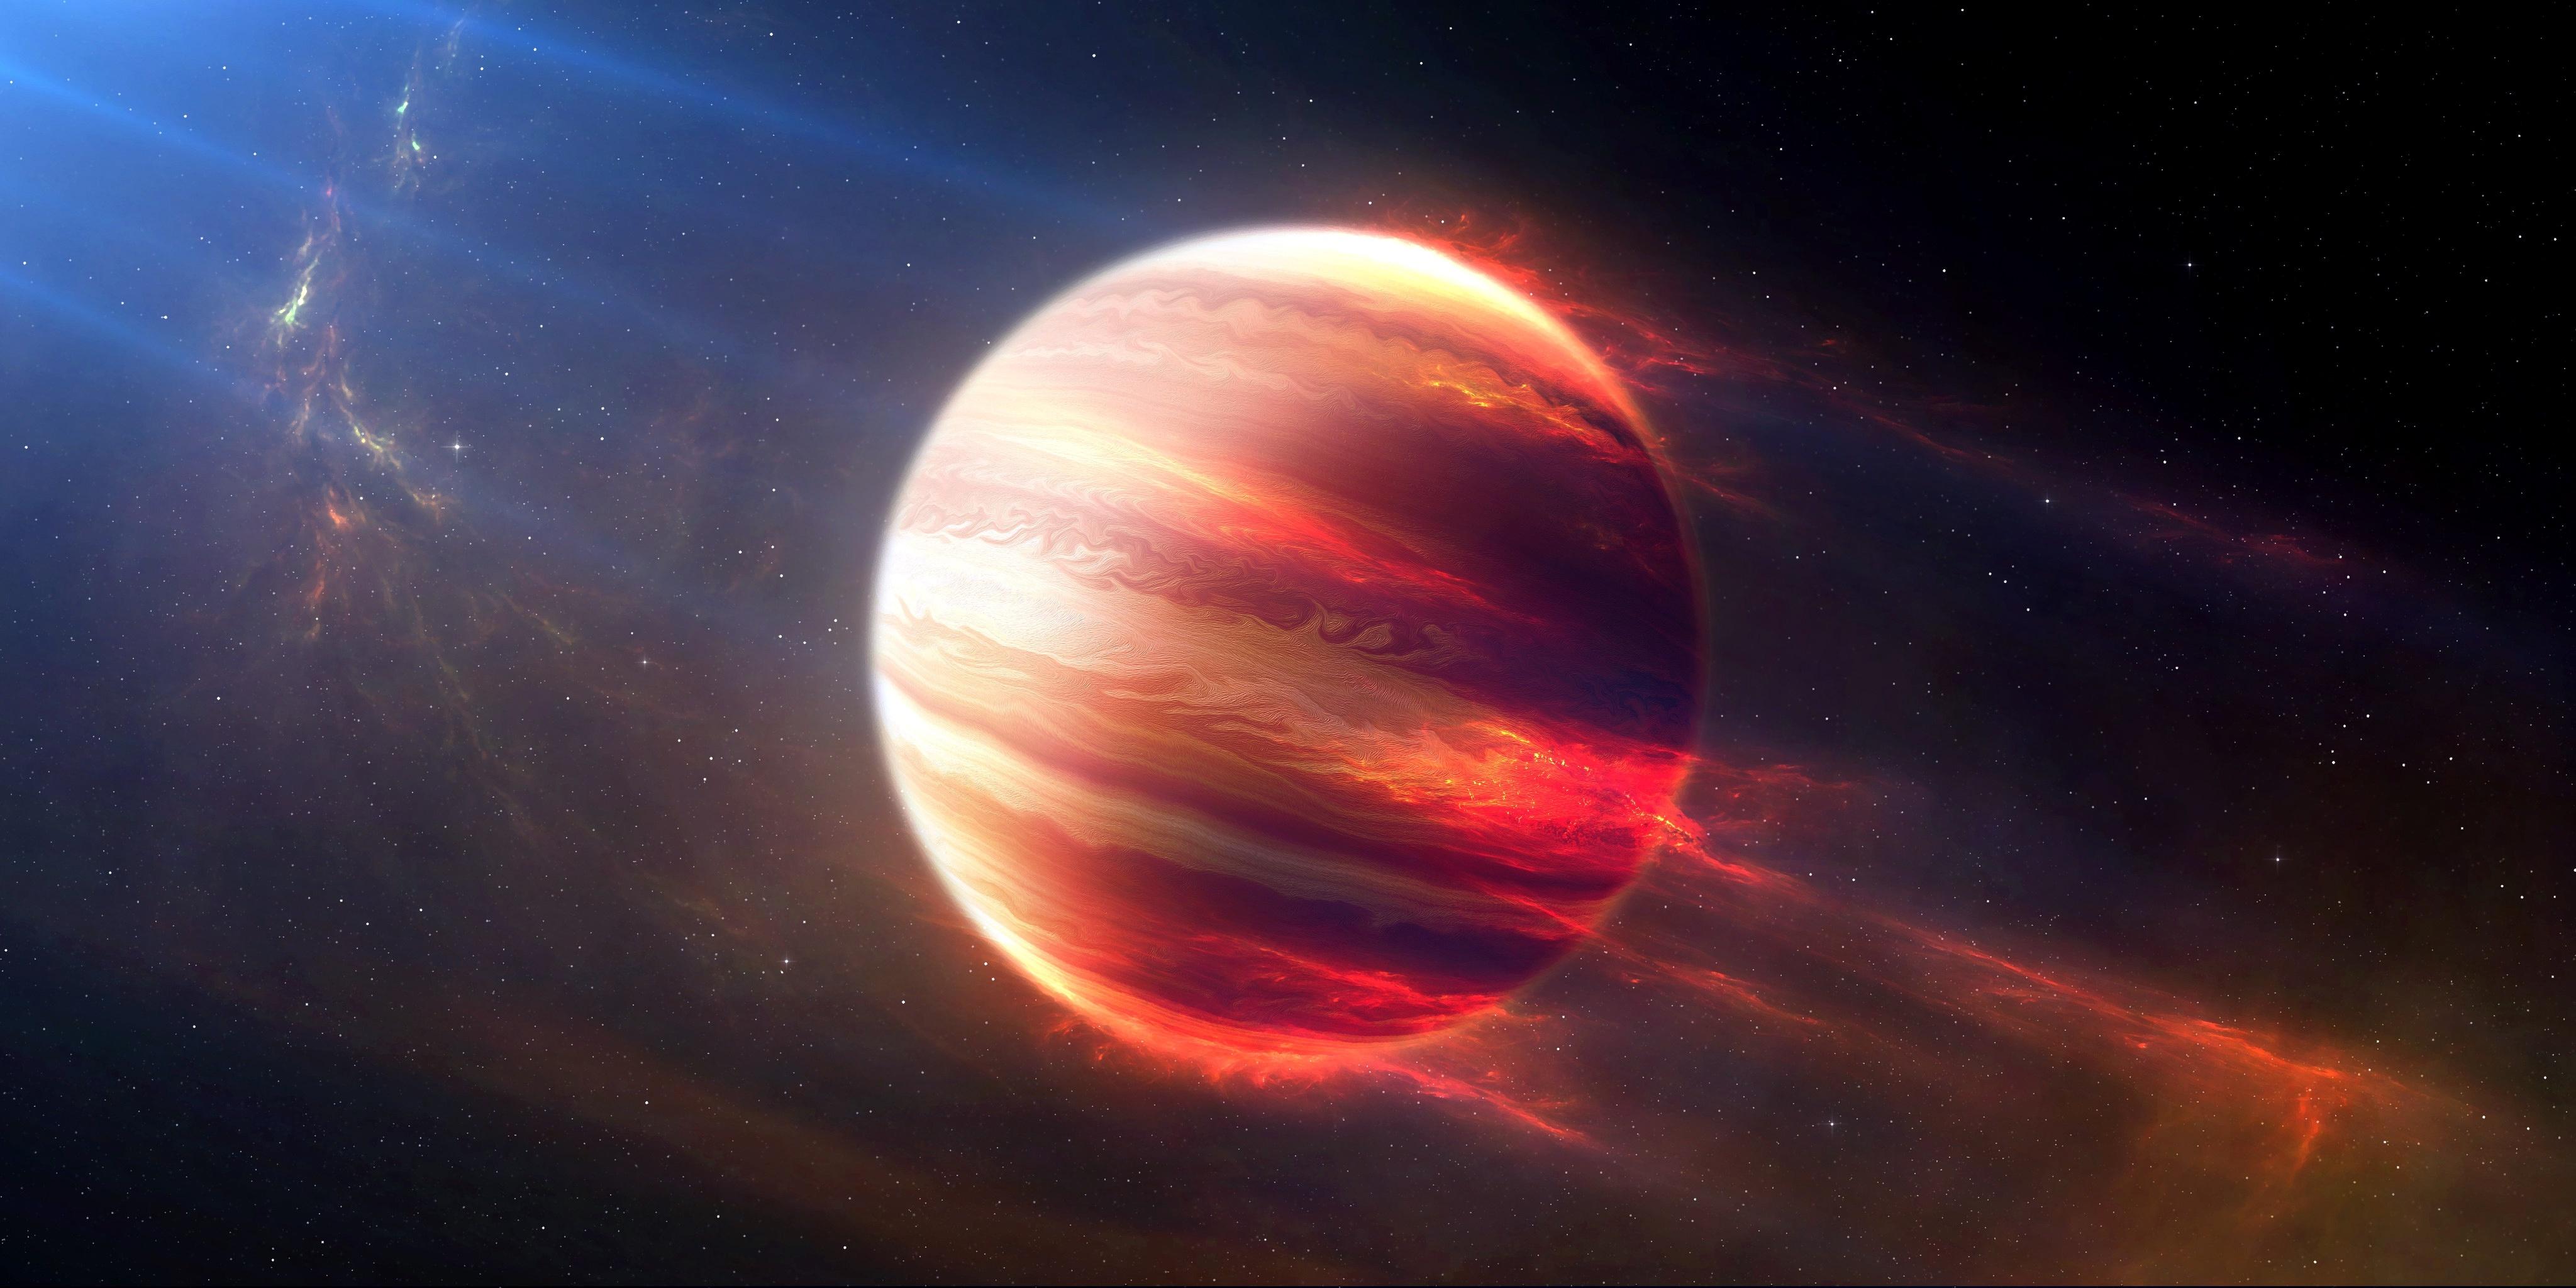 Картинка: Планета, космос, горячий юпитер, свет, лучи, звёзды